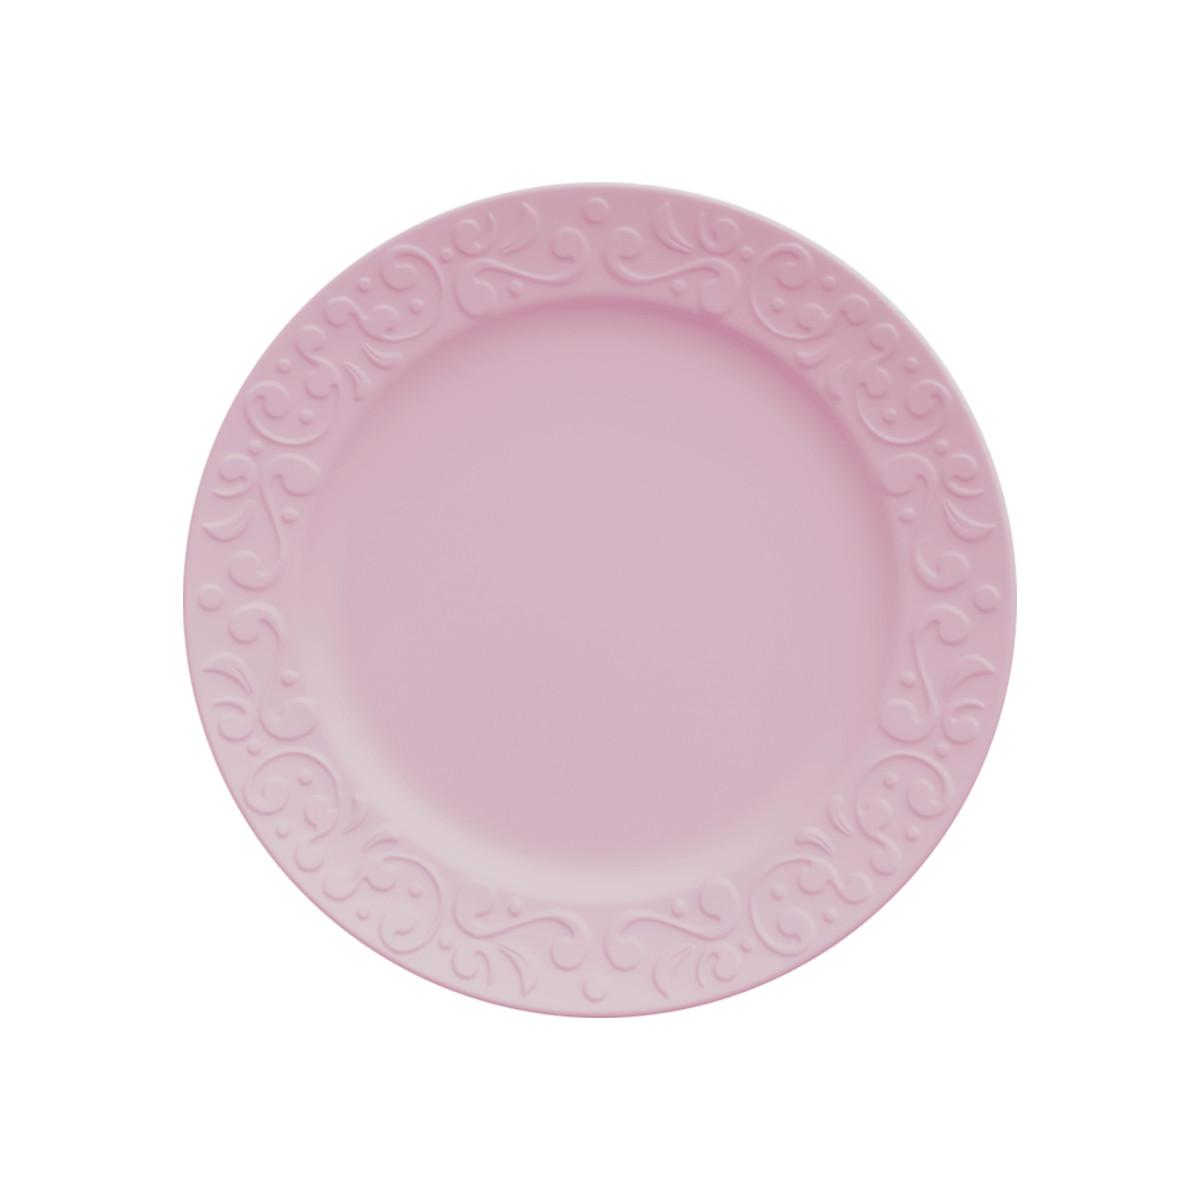 Jogo de Pratos de Sobremesa Rosa Germer Tassel 6 Unidades